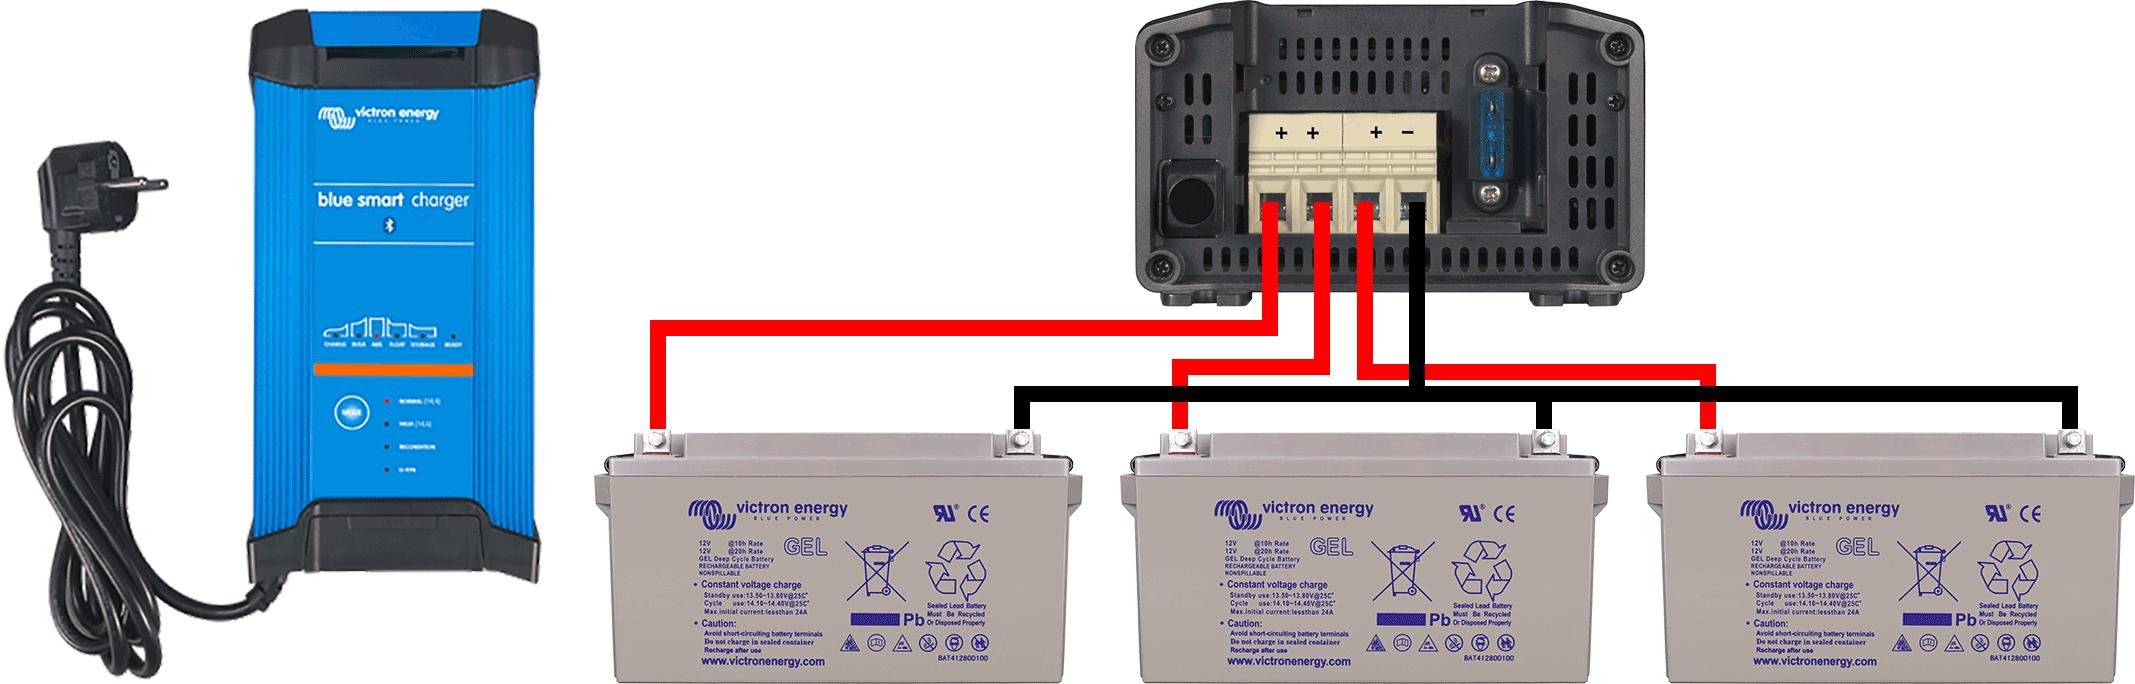 schema de montage chargeur batterie 3 sortie